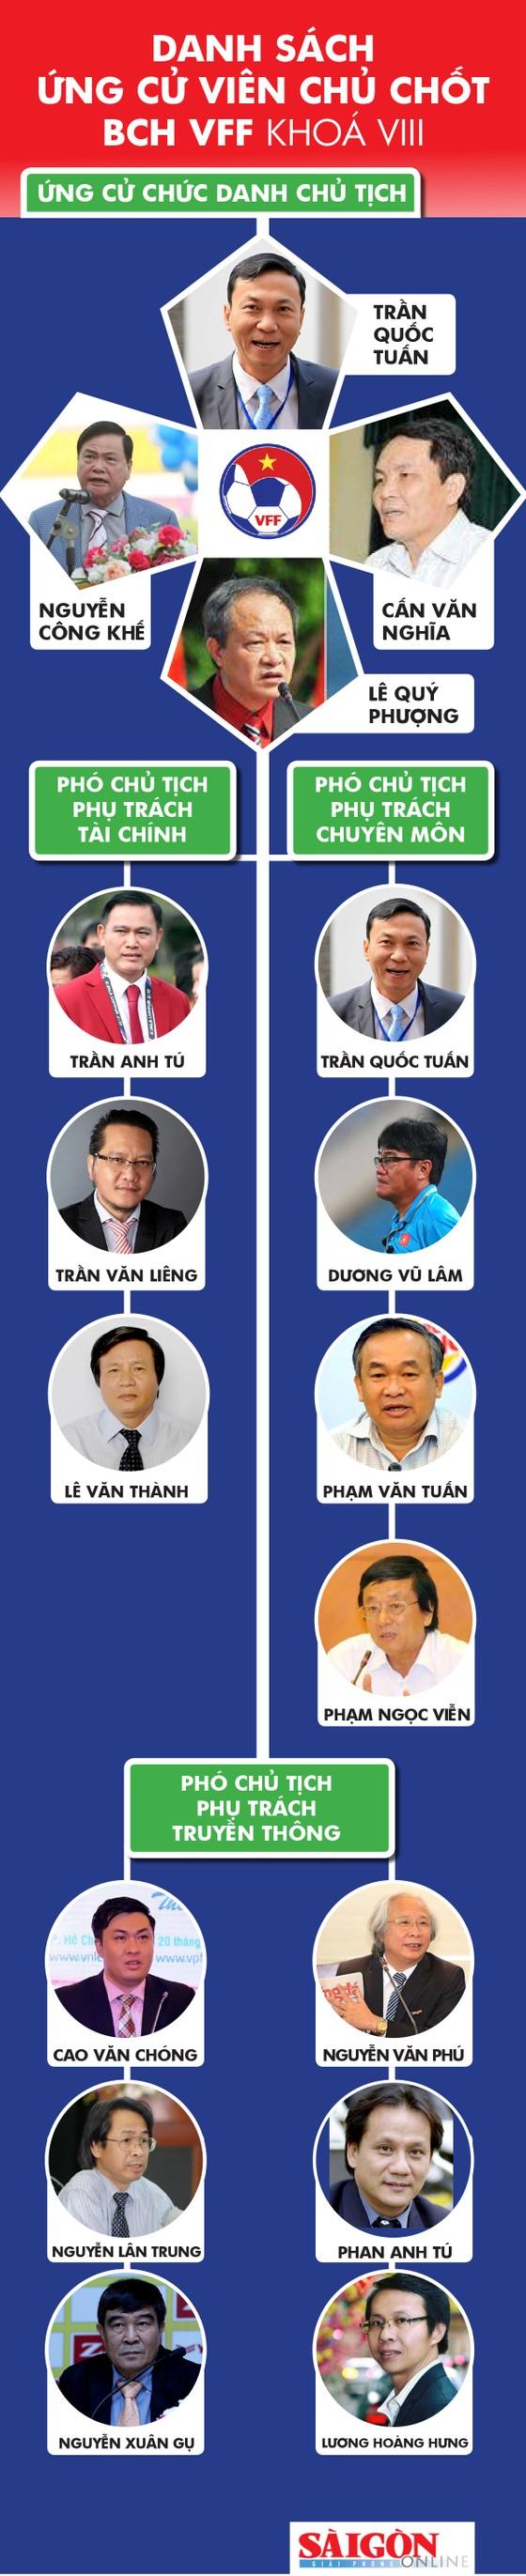 Trước thềm Đại hội VFF khóa VIII - Cuộc đua tay đôi ở ghế Chủ tịch? ảnh 1